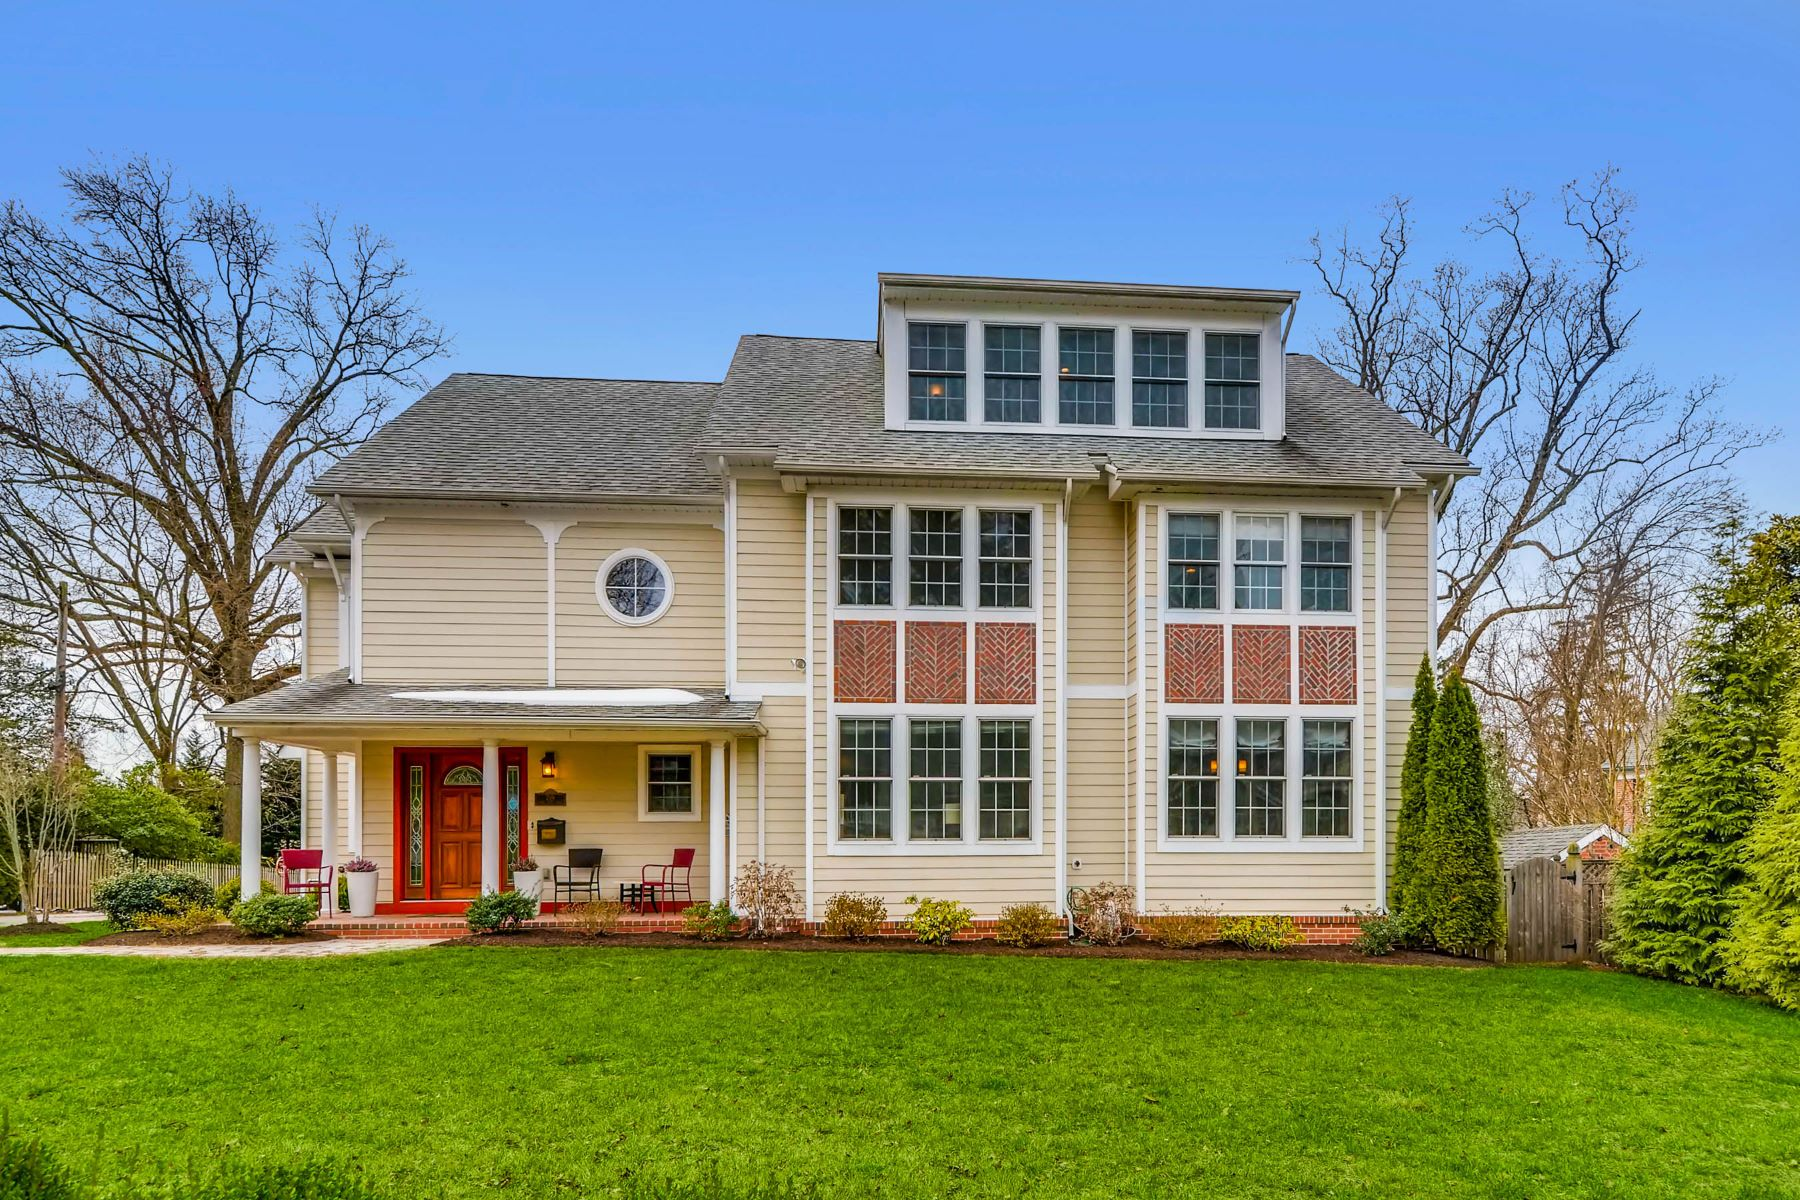 Casa Unifamiliar por un Venta en 709 North Bend Road Towson, Maryland 21204 Estados Unidos